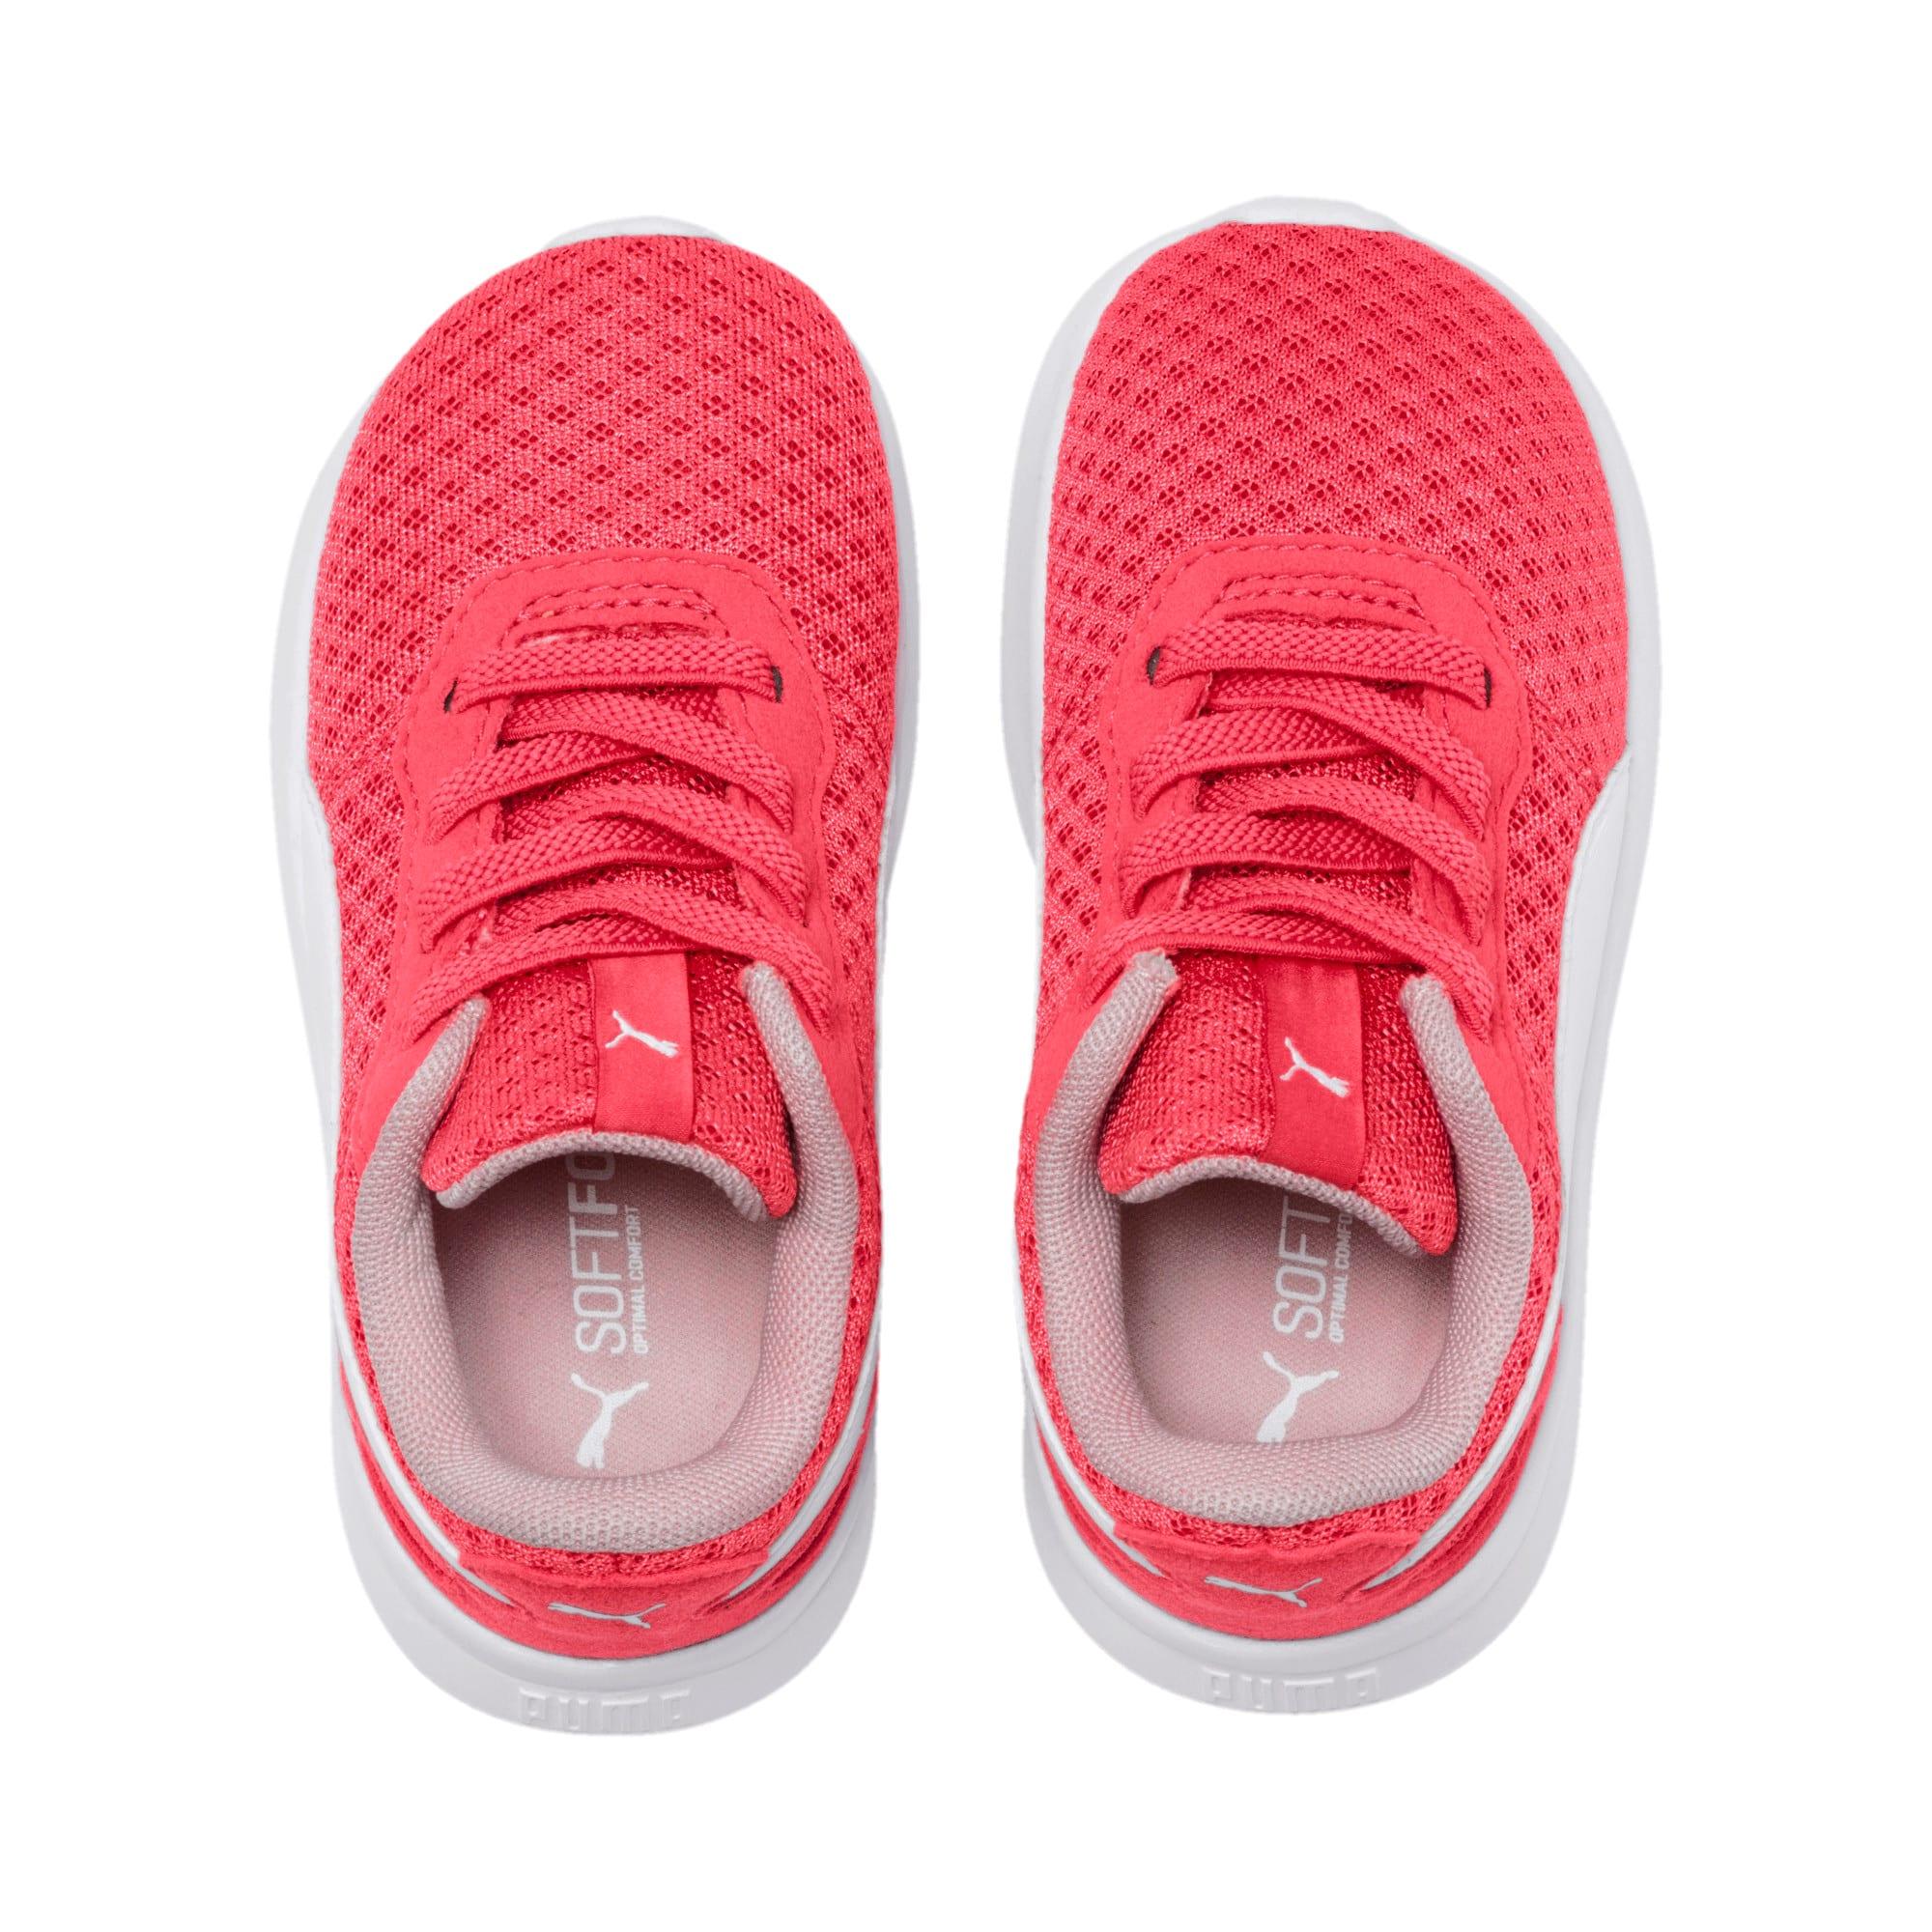 Miniatura 5 de Zapatos ST Activate AC para bebé, Calypso Coral-Puma White, mediano